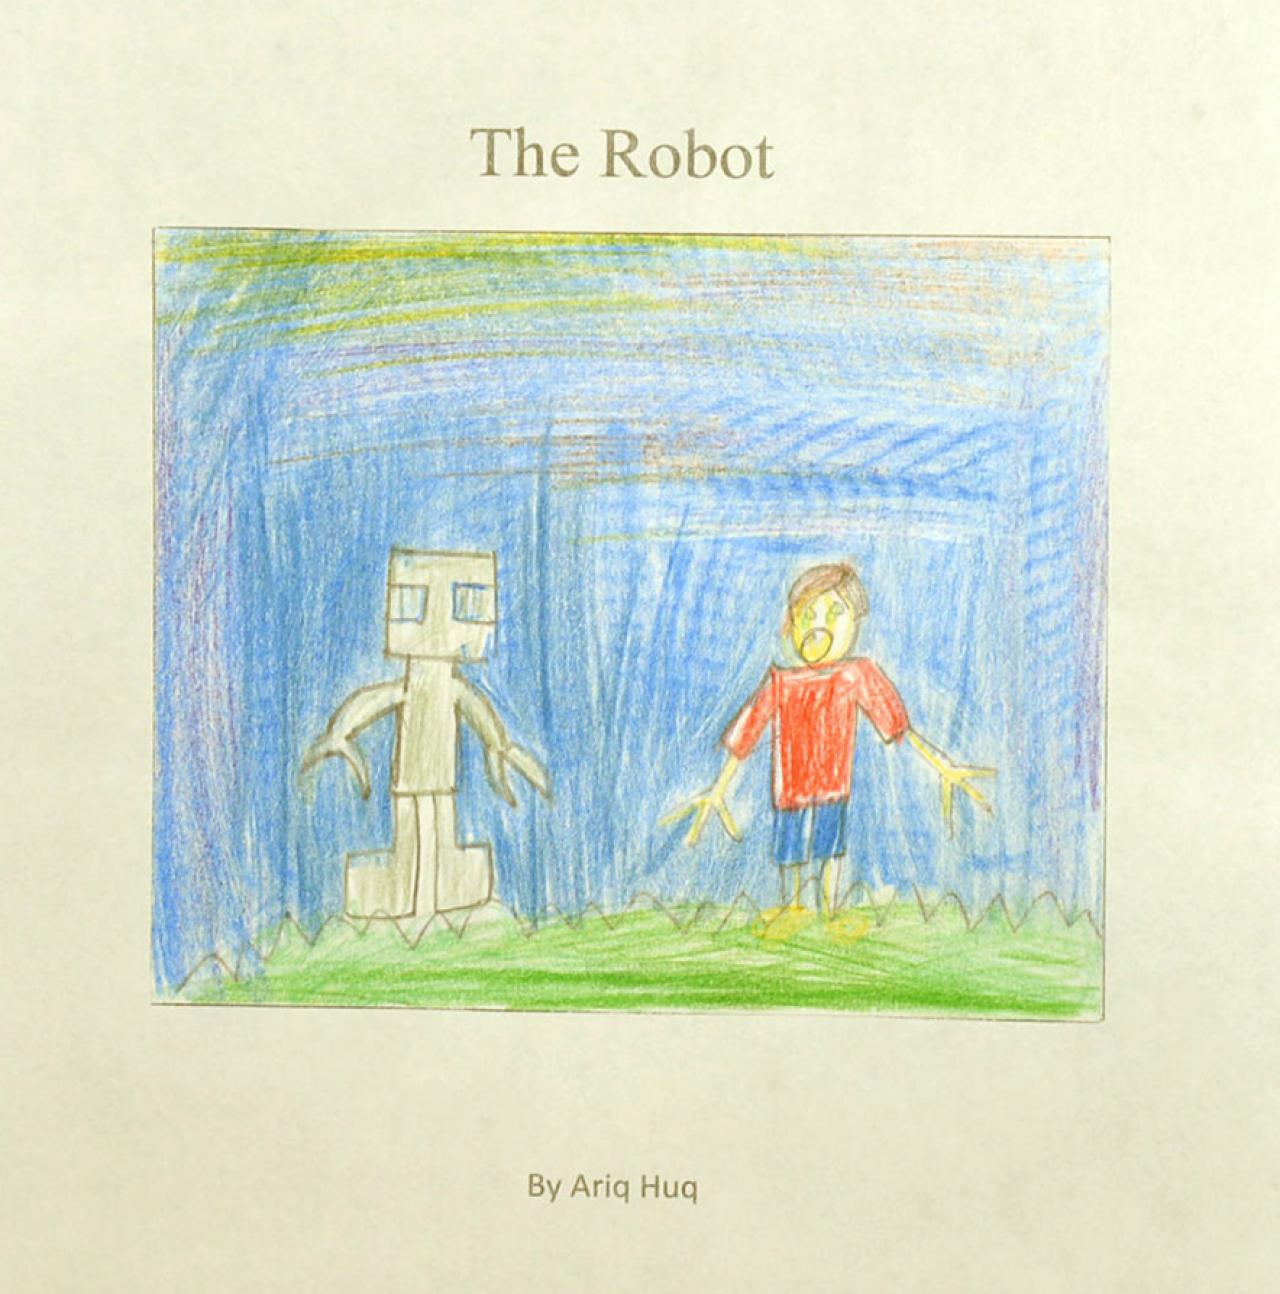 Ariq Huq The Robot